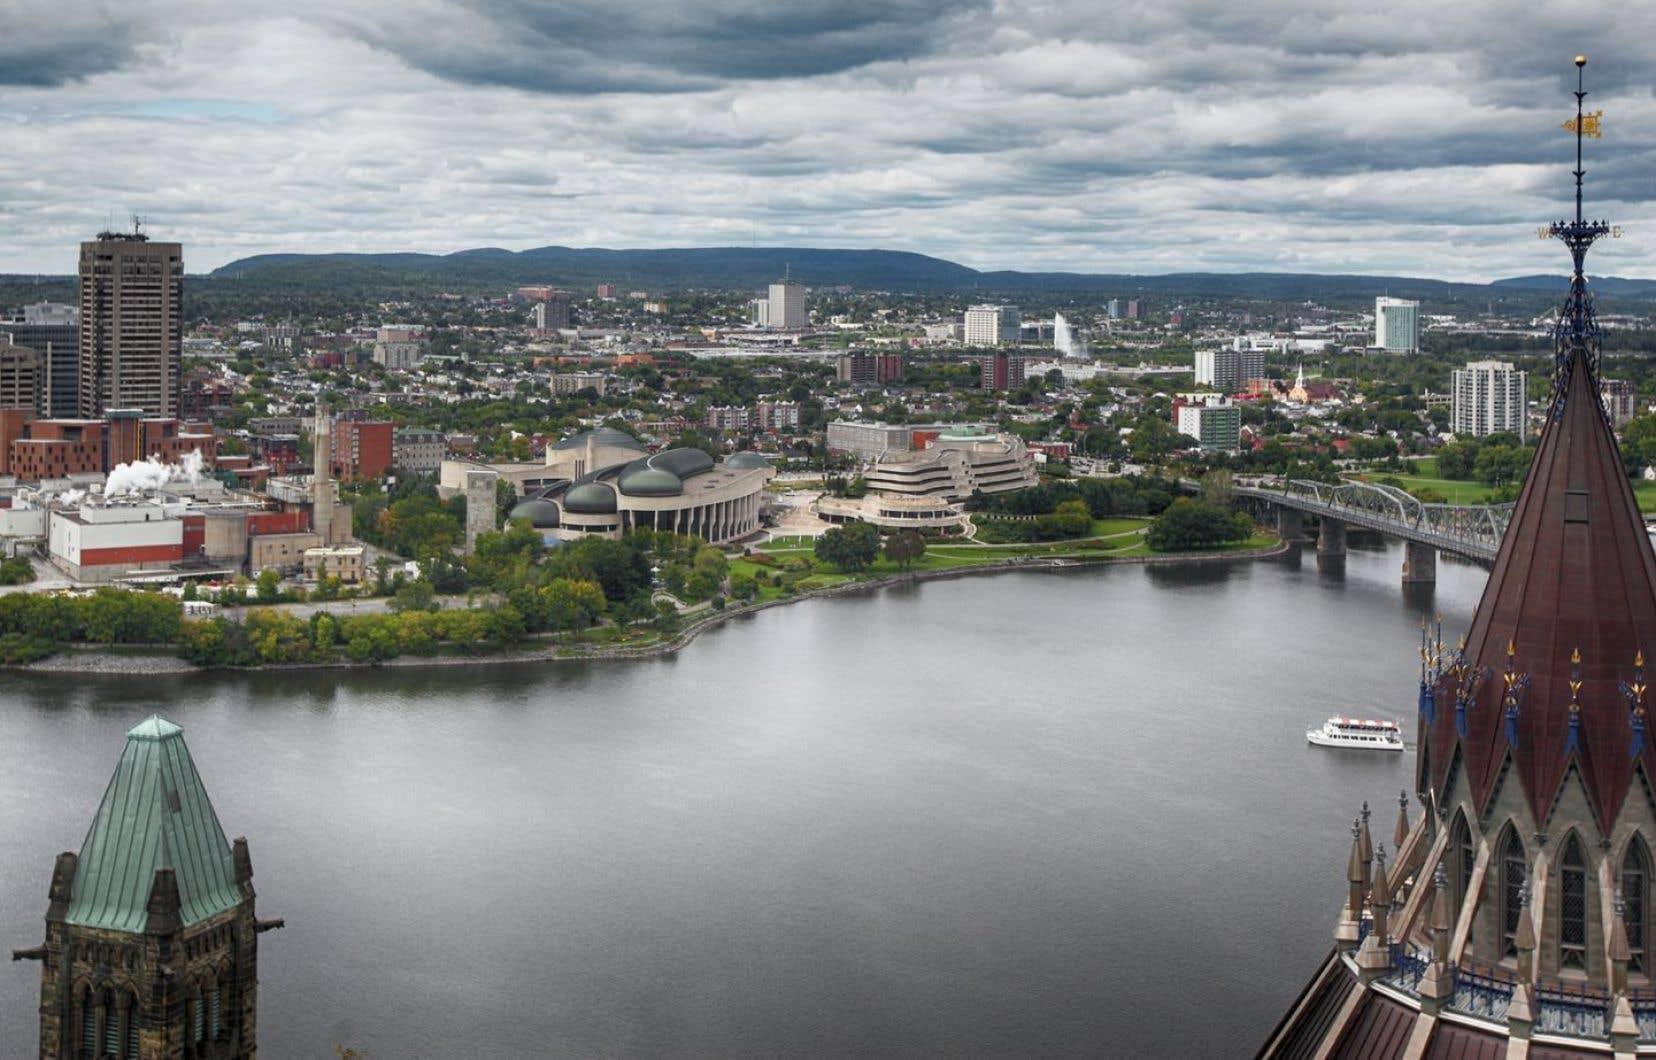 Les 1271 kilomètres de la rivière des Outaouais à la frontière du Québec et de l'Ontario ont été importants pour les Premières Nations, la traite des fourrures et le commerce du bois.